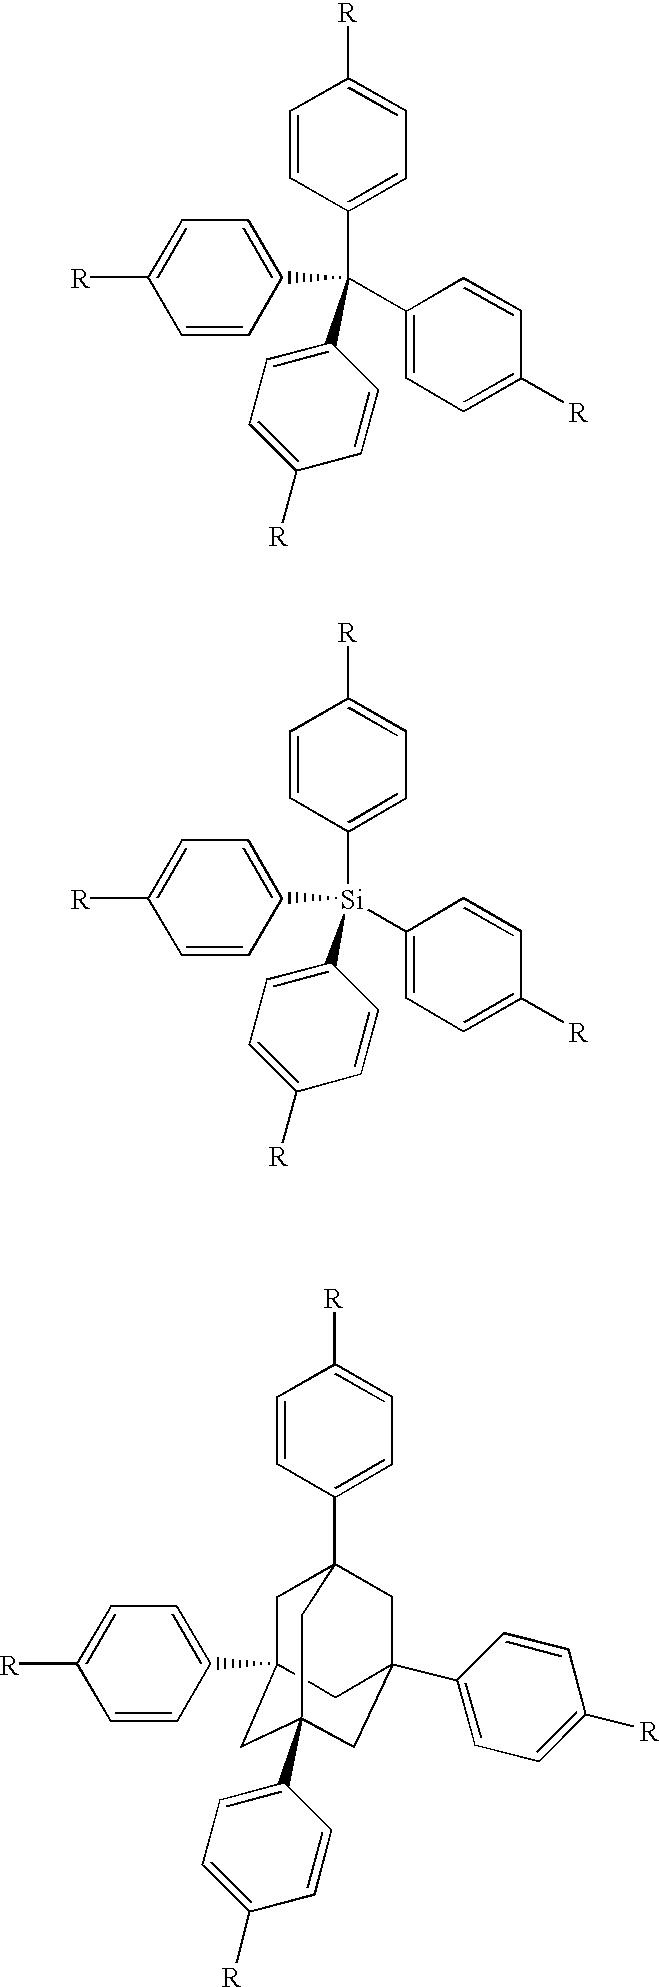 Figure US20030064248A1-20030403-C00021